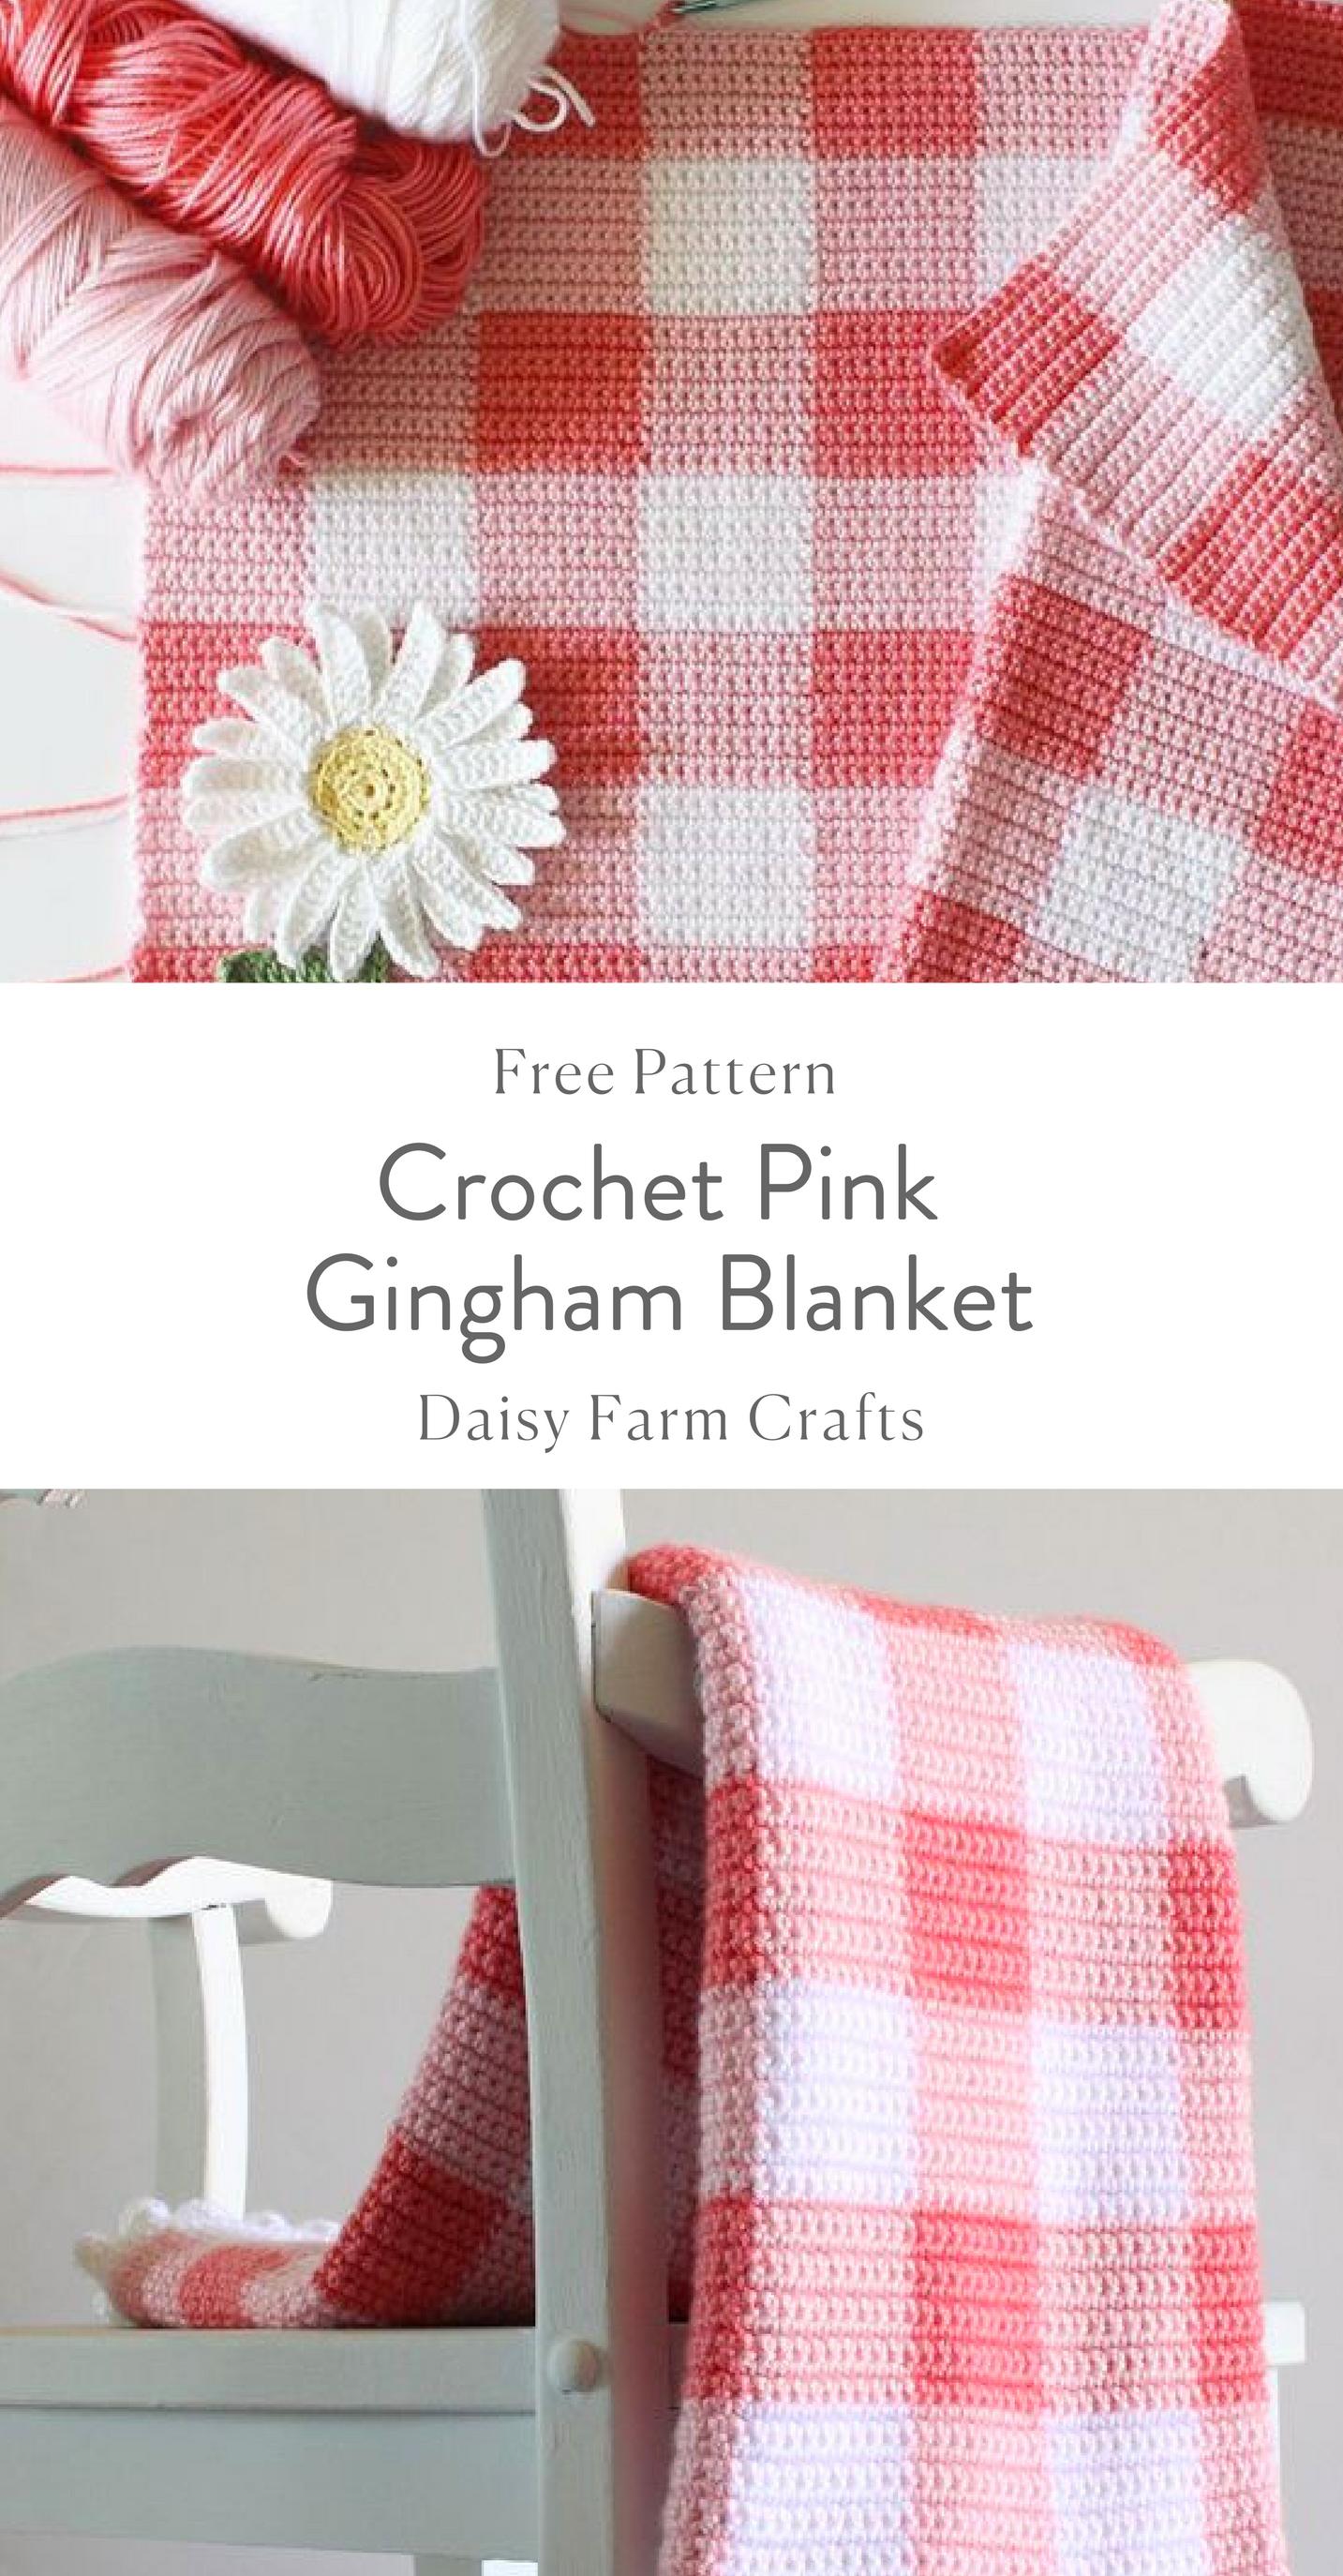 Crochet Pink Gingham Blanket - Free Pattern | Crochet • Knitting ...